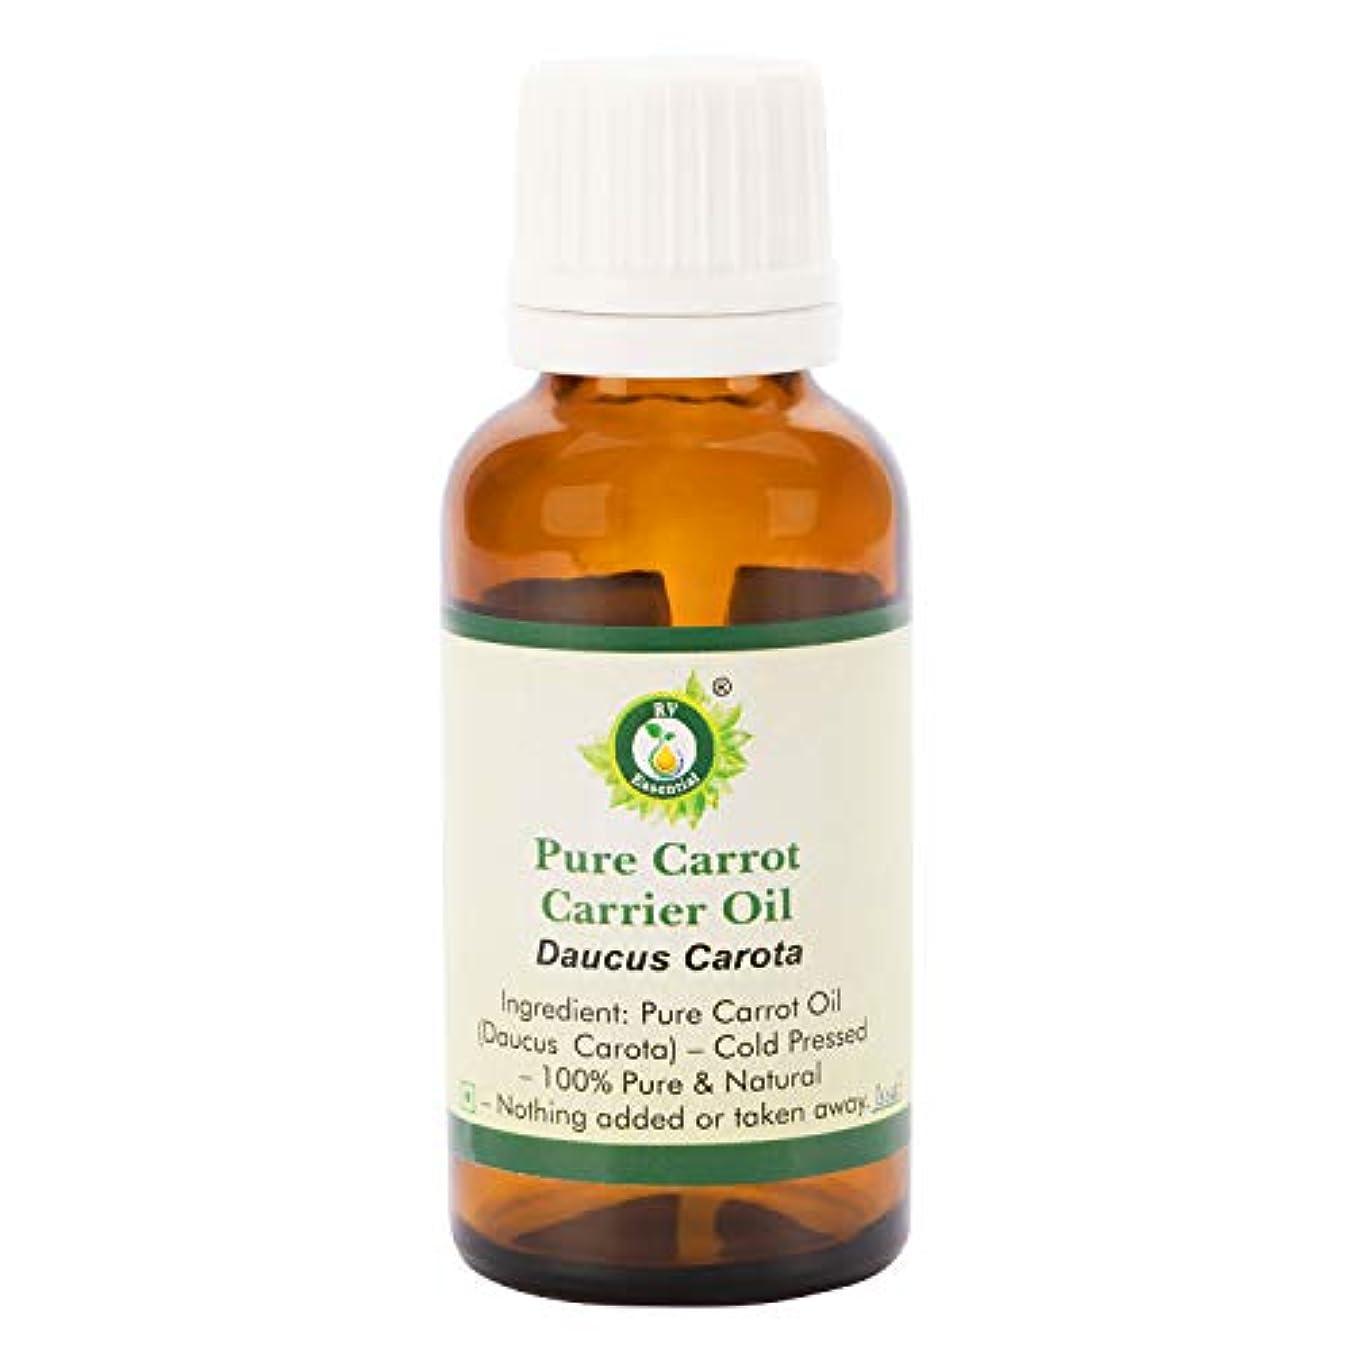 不一致免疫利用可能ピュアキャロットキャリアオイル100ml (3.38oz)- Daucus Carota (100%ピュア&ナチュラルコールドPressed) Pure Carrot Carrier Oil